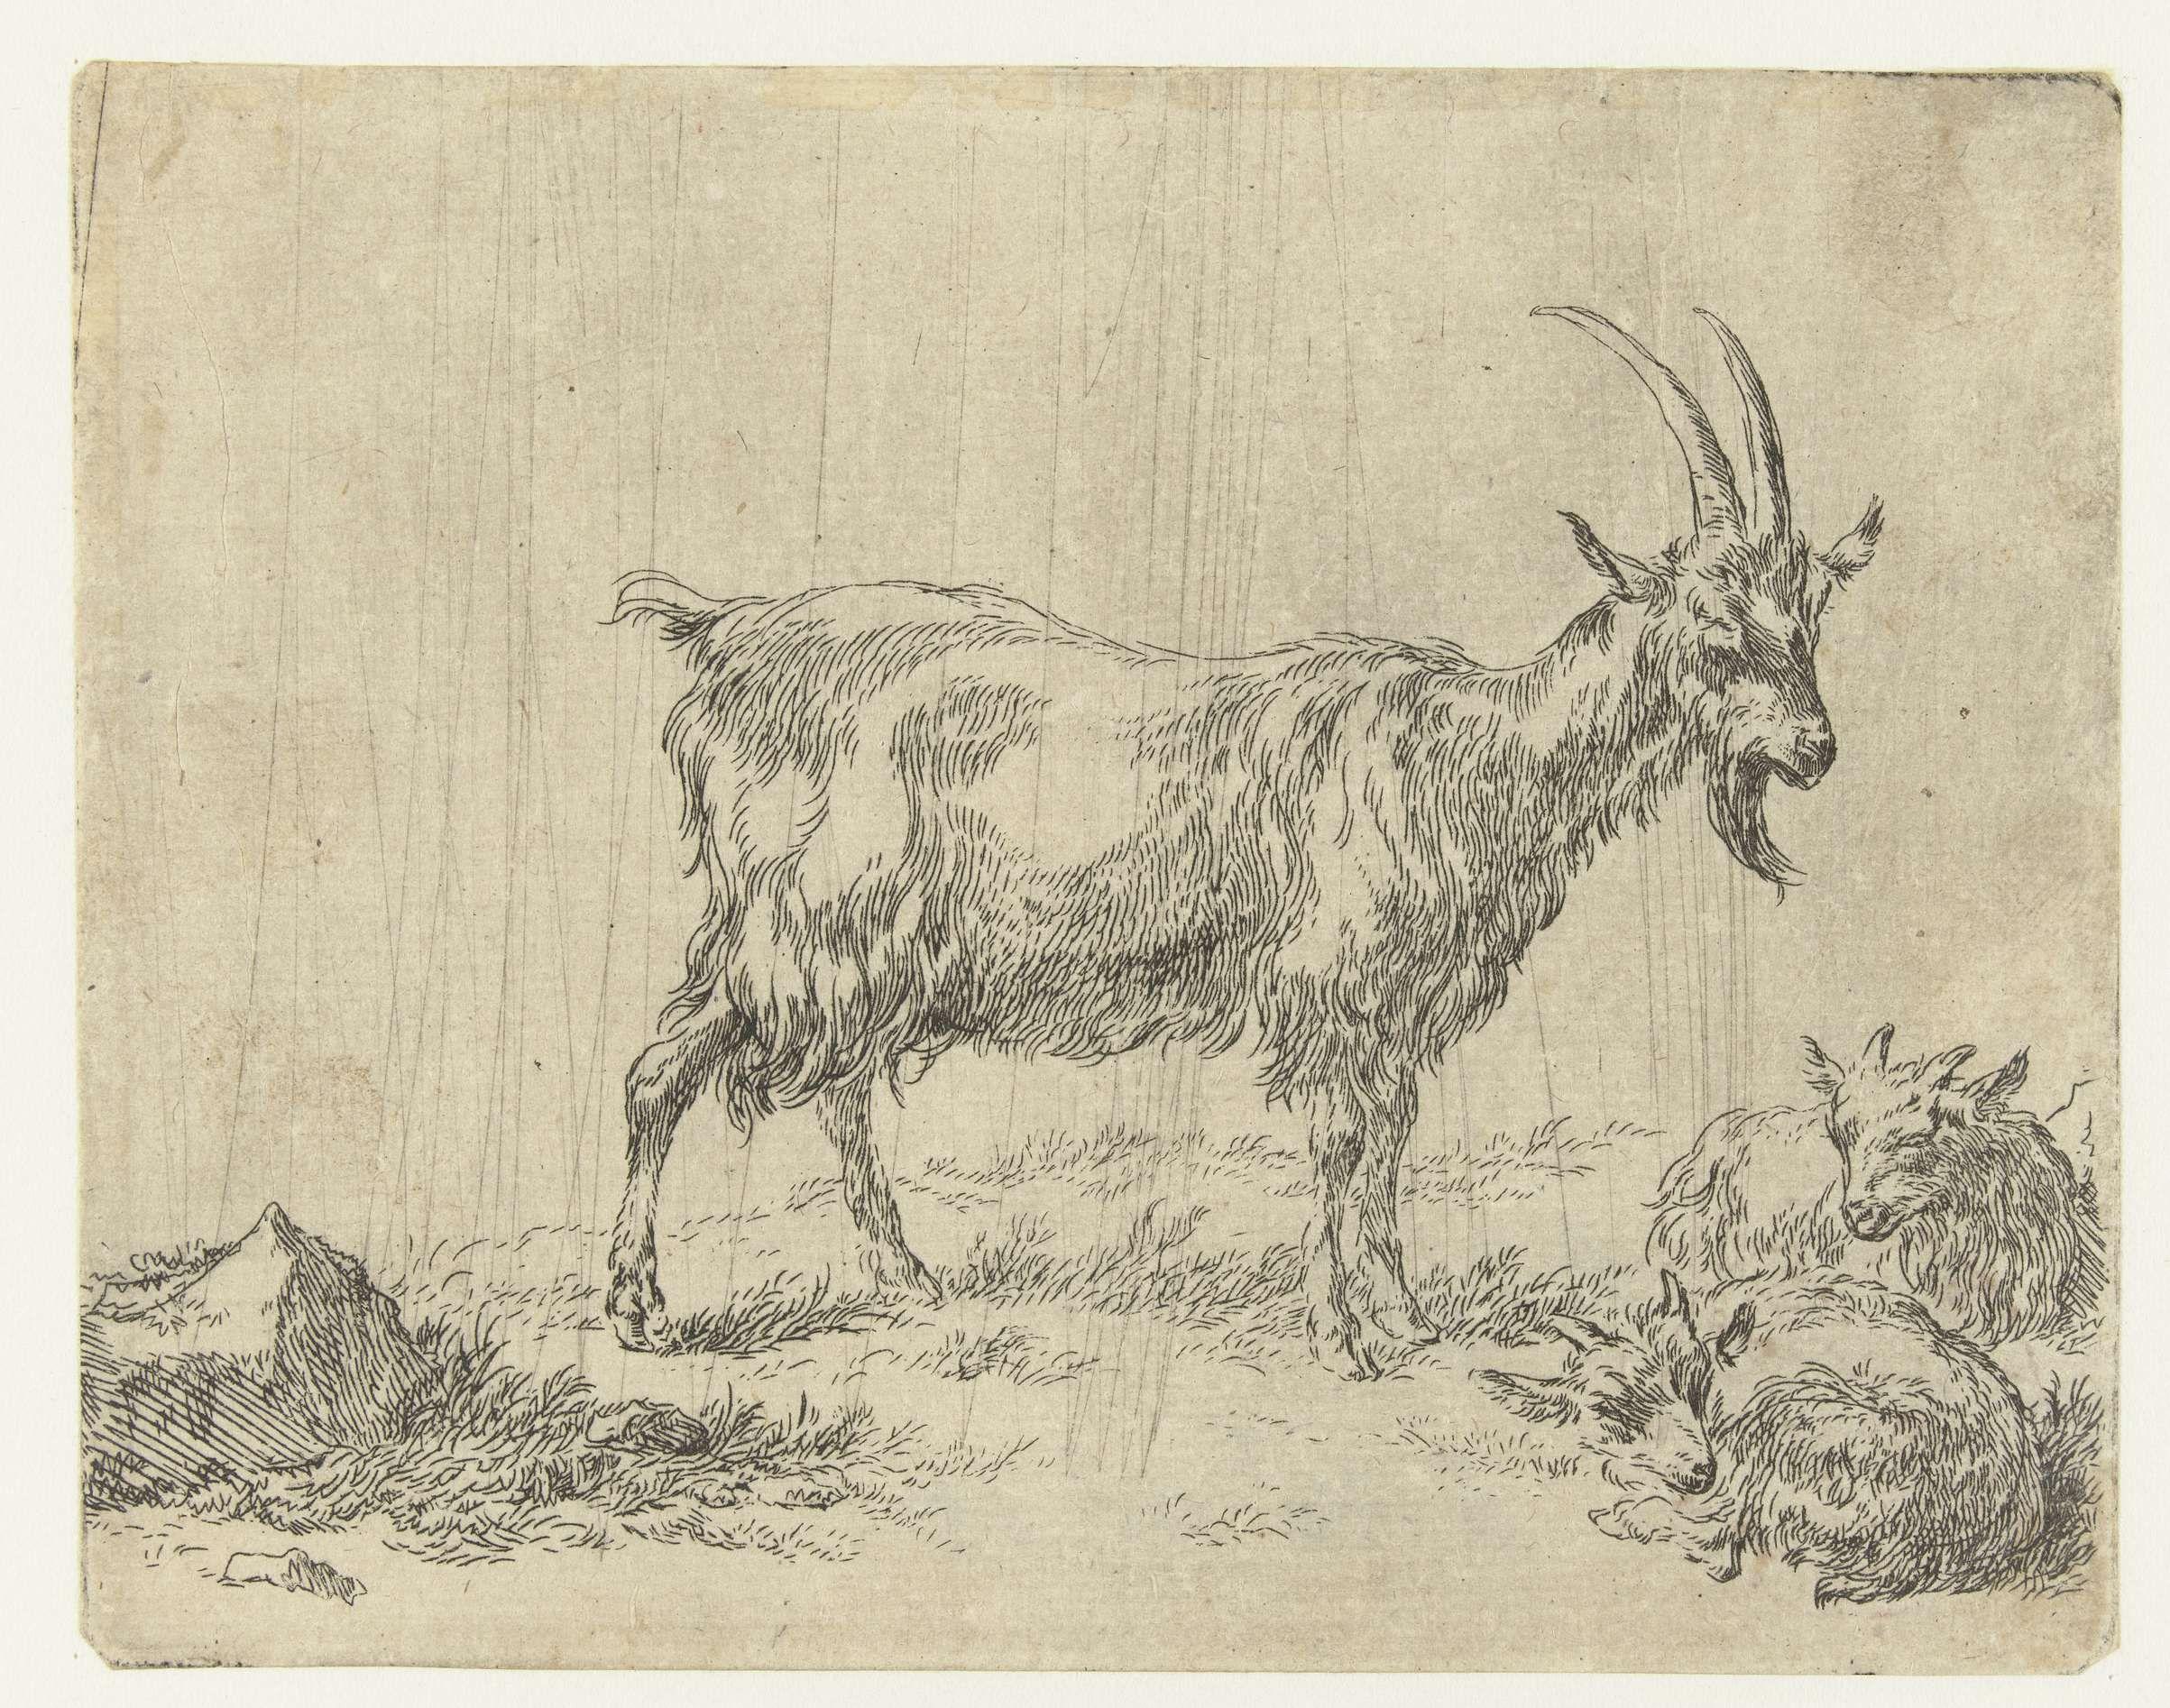 Nicolaes Pietersz. Berchem | Geit met twee jongen, Nicolaes Pietersz. Berchem, 1648 - 1652 |